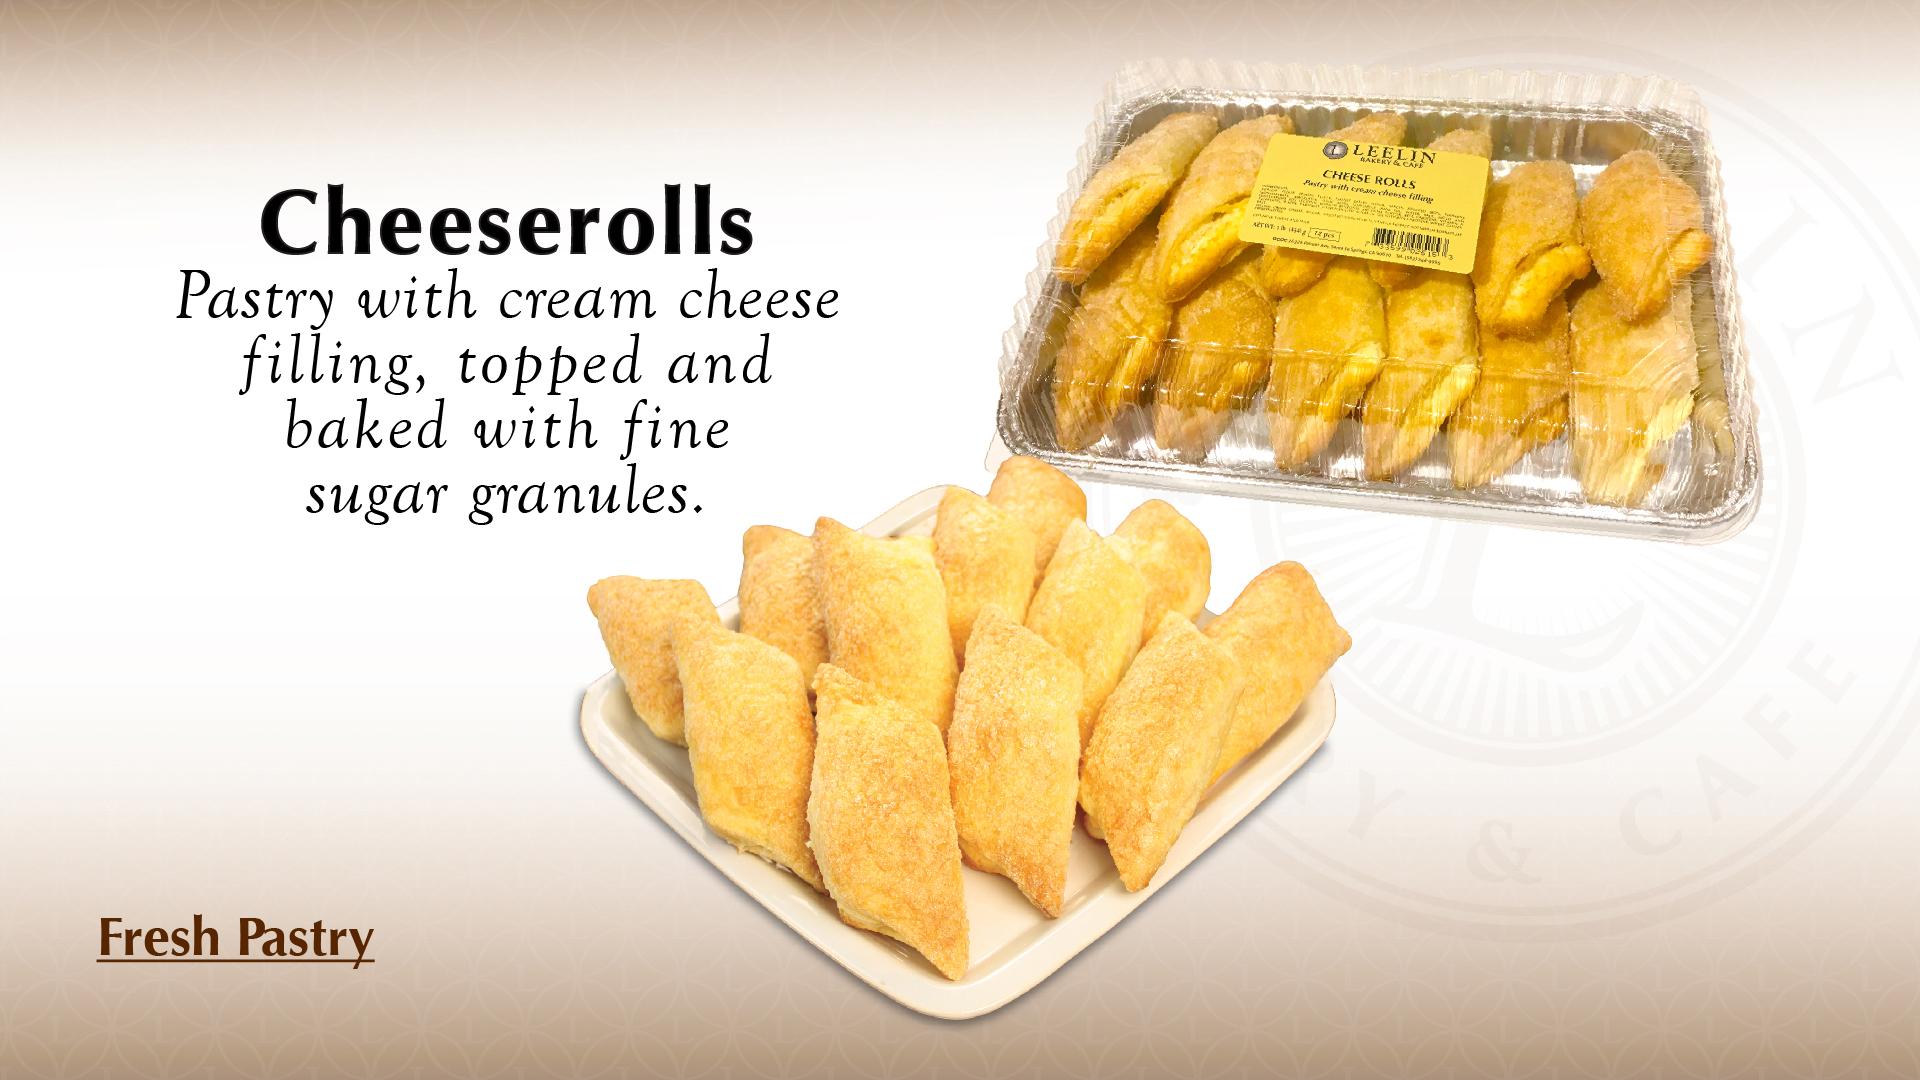 001 Cheeserolls 1920x1080.jpg